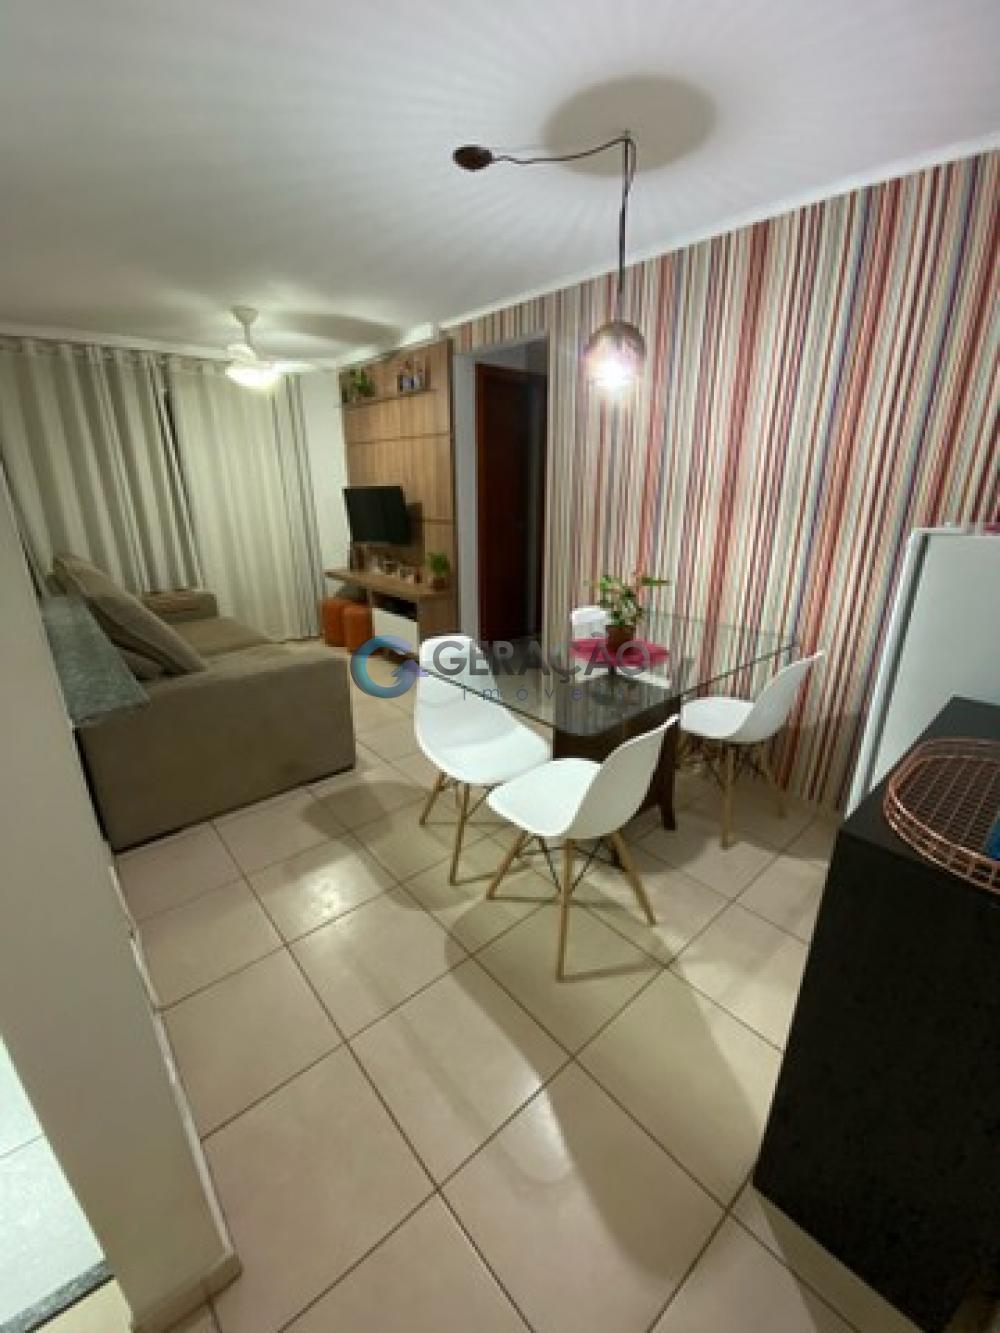 Comprar Apartamento / Padrão em São José dos Campos R$ 300.000,00 - Foto 1